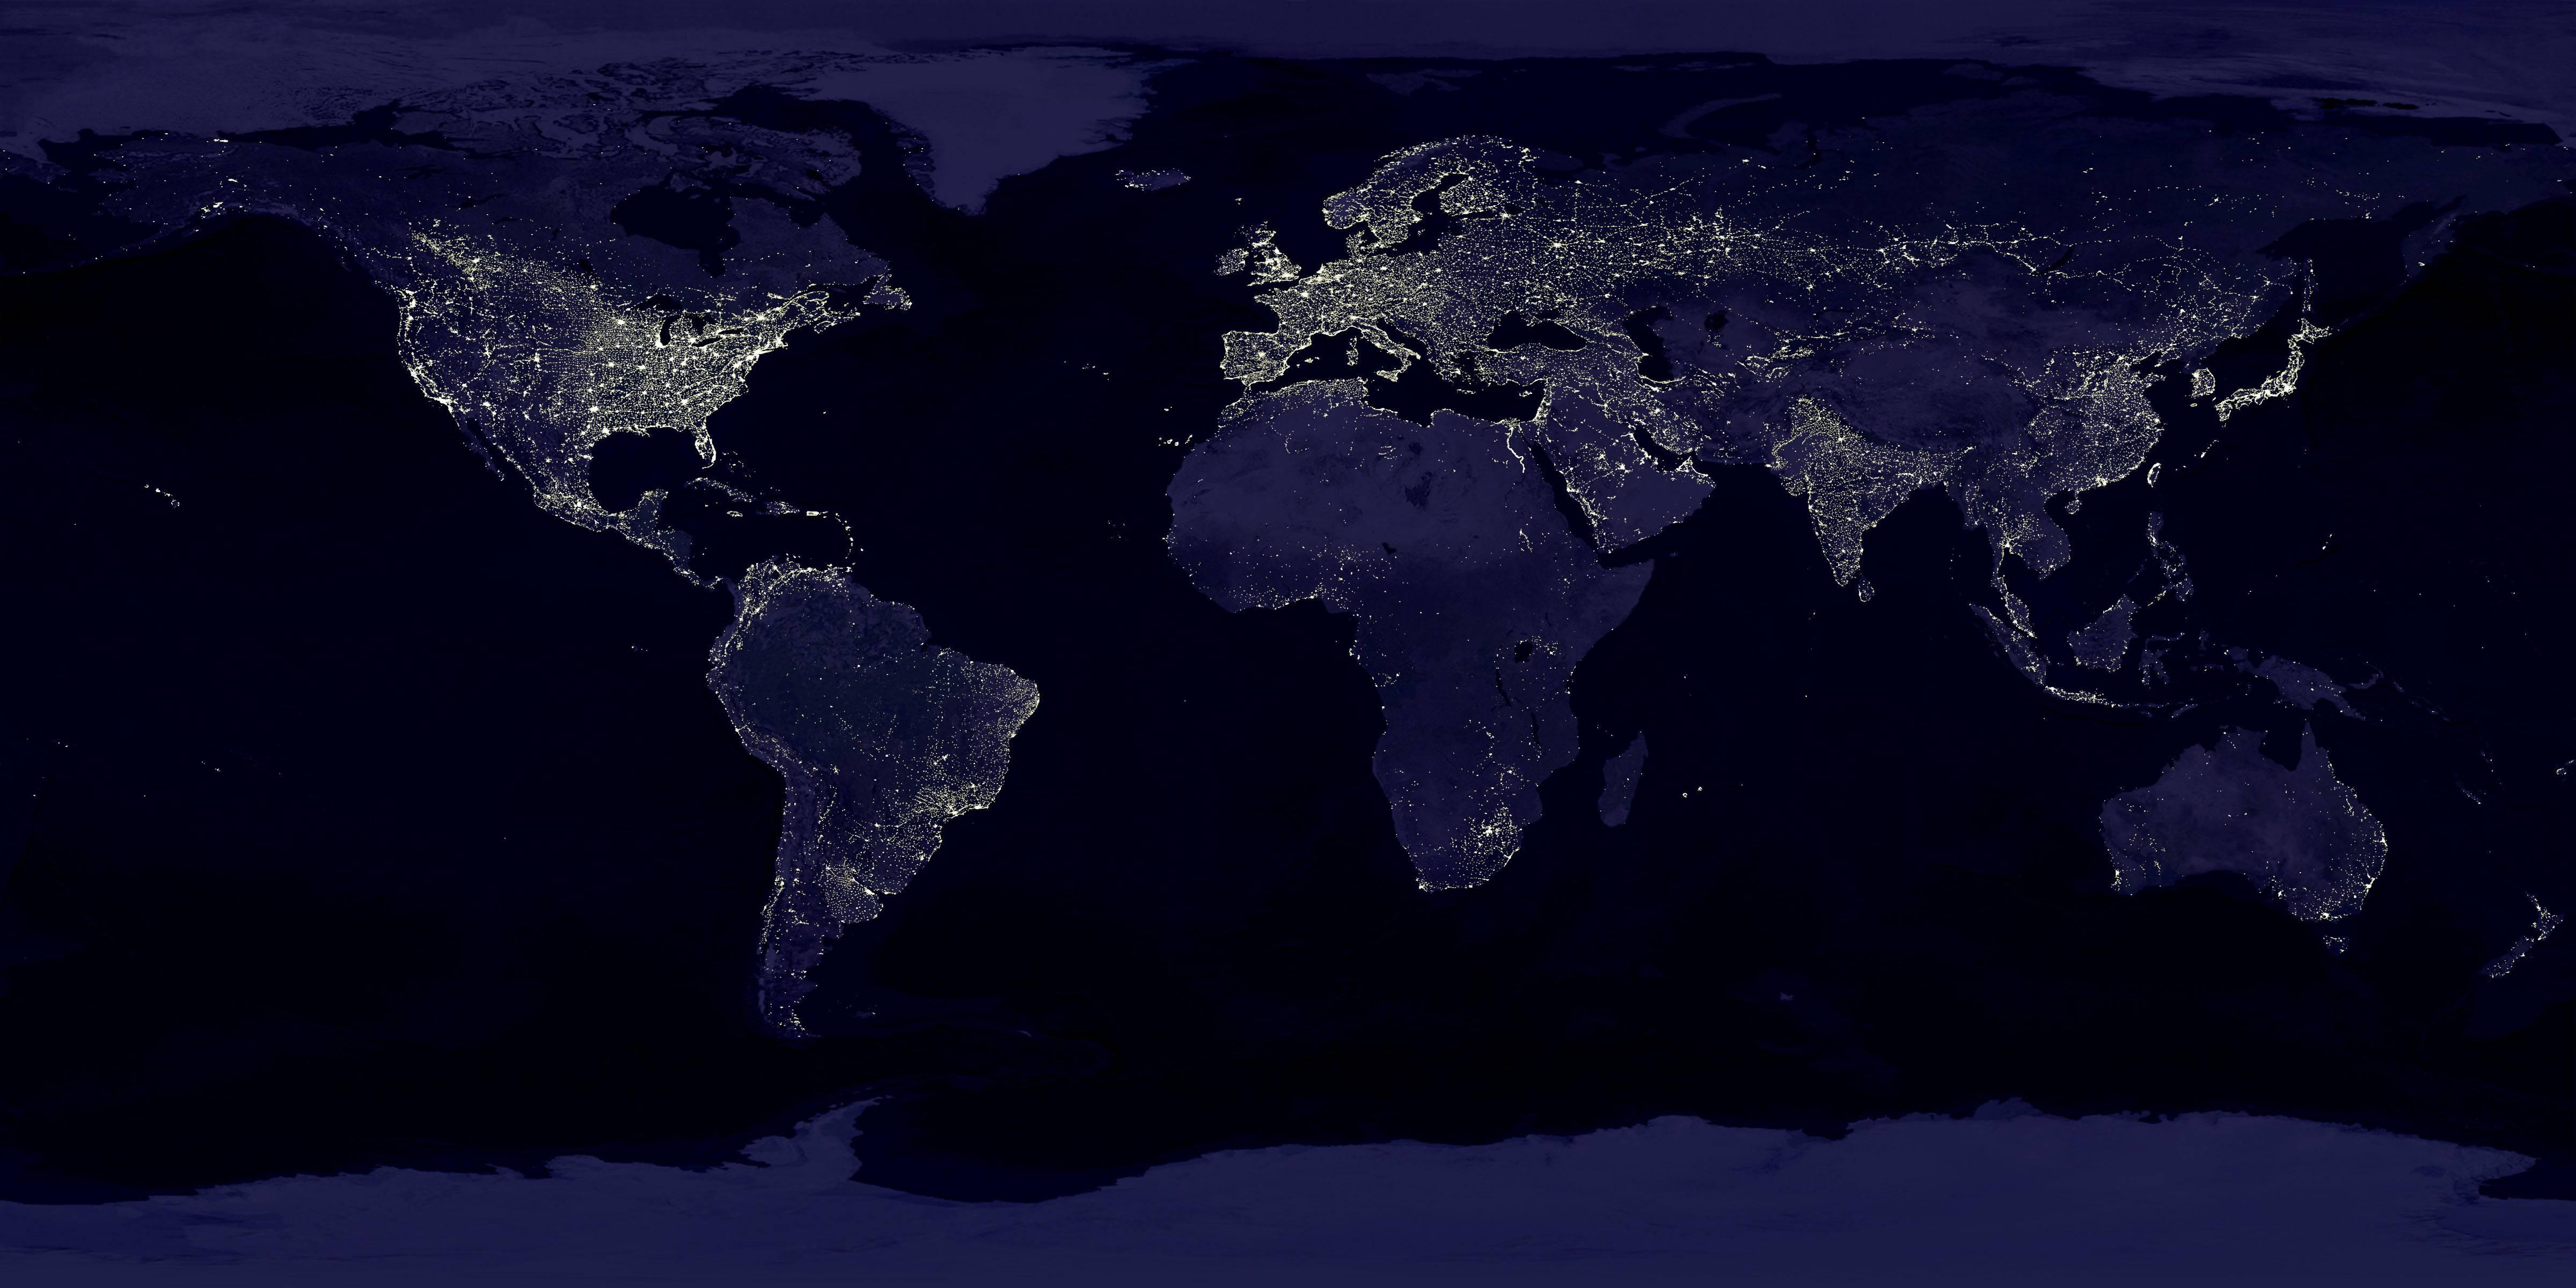 世界很大也很小